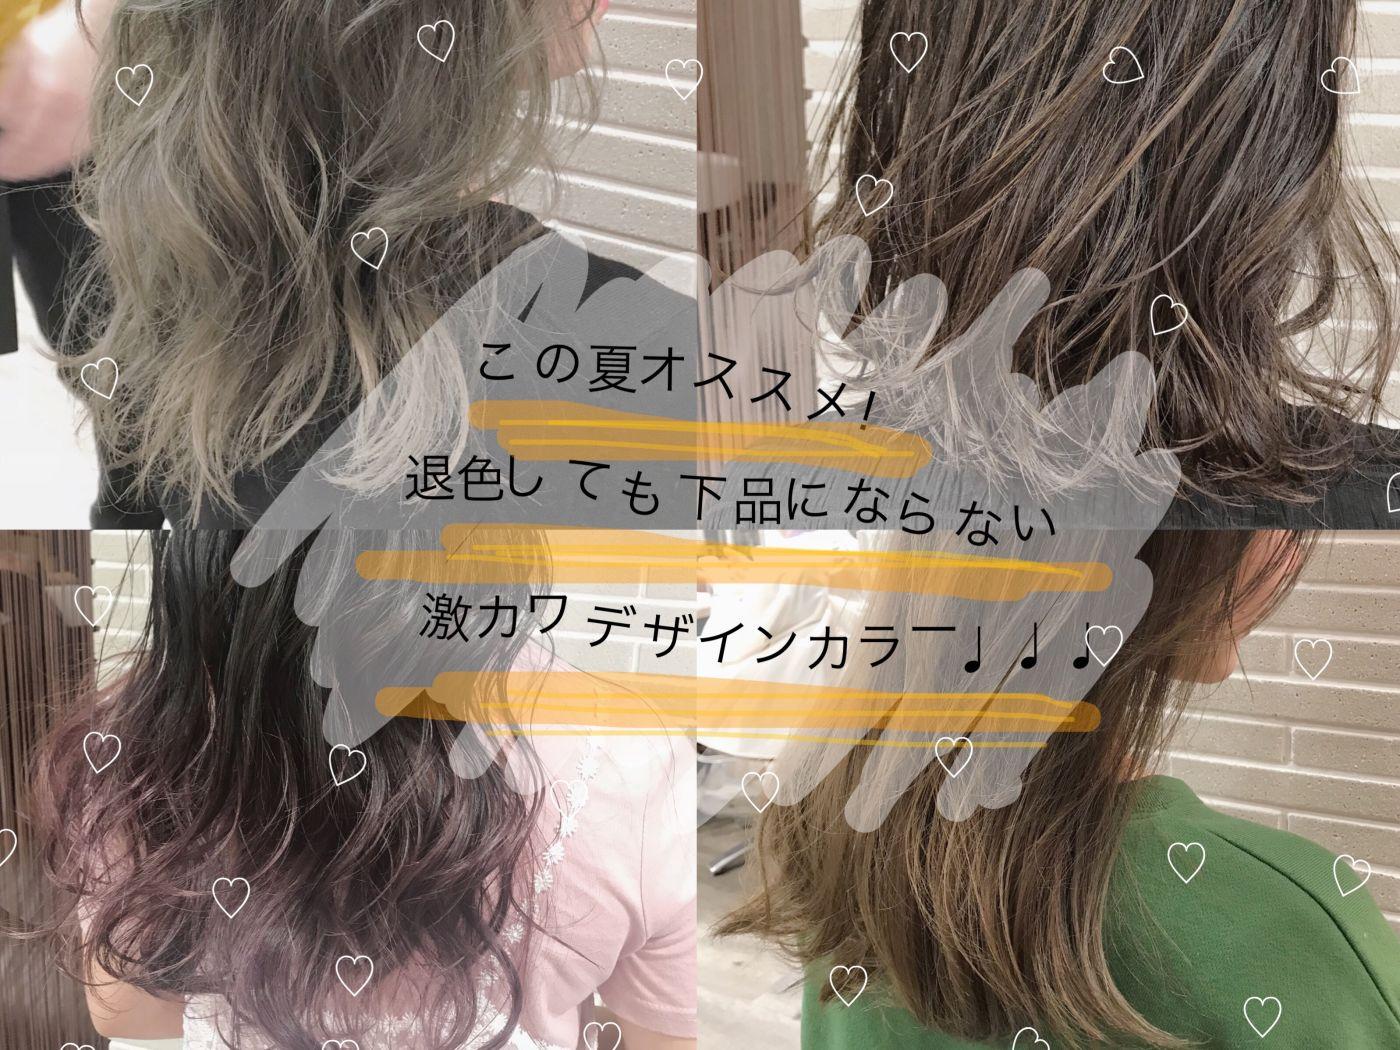 【イルミナカラー】でつくるダメージを抑えた【デザインカラー】色が抜けても抜群に可愛い!夏カラー4選♩